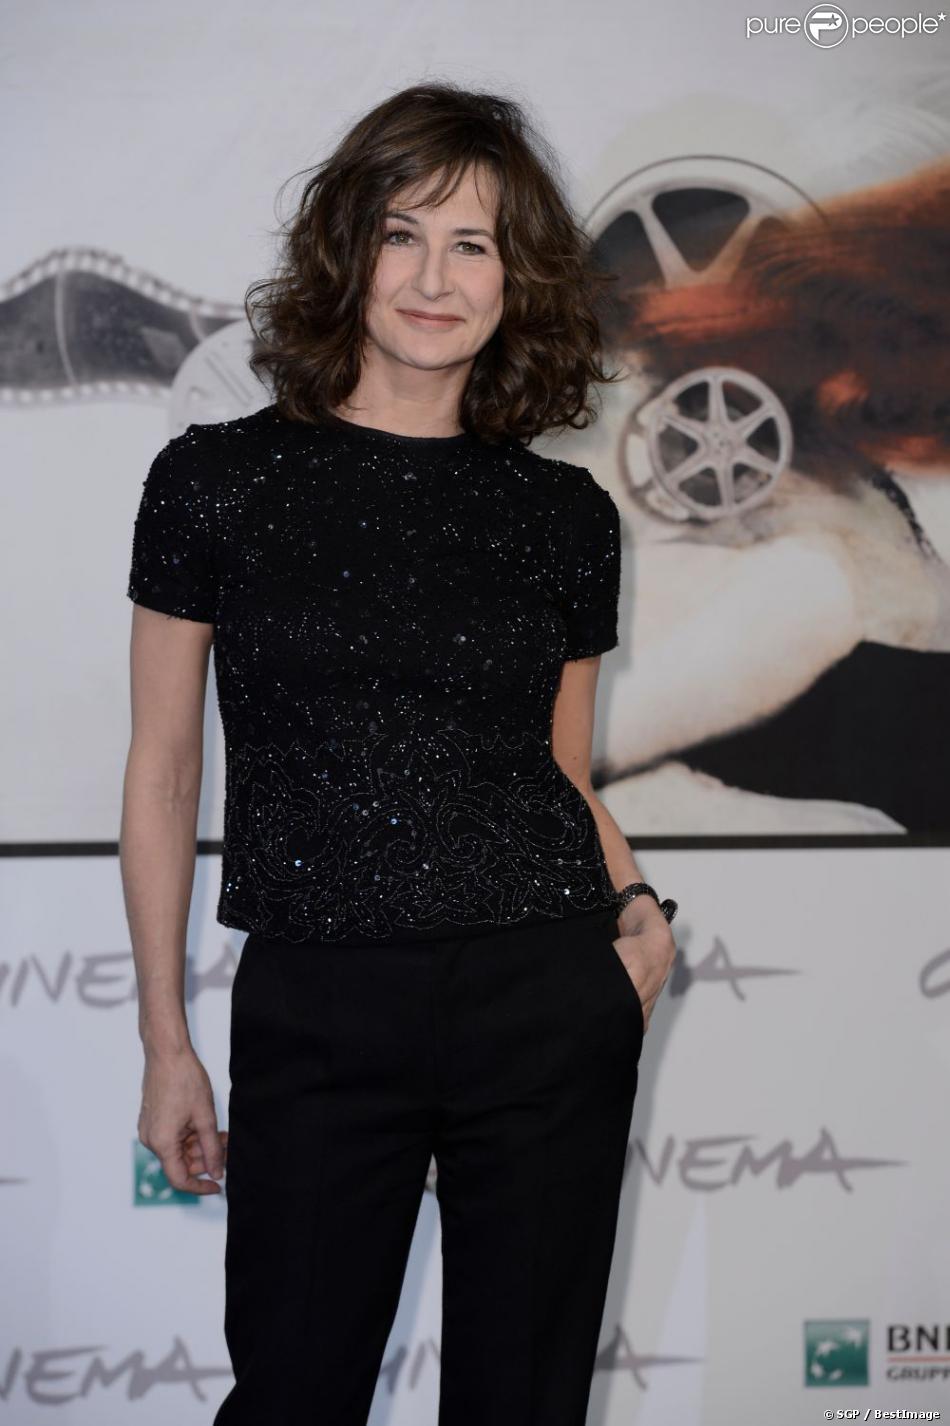 Valérie Lemercier lors du photocall du film  Main dans la main  lors du festival du film de Rome. Le 10 novembre 2012 à Rome.